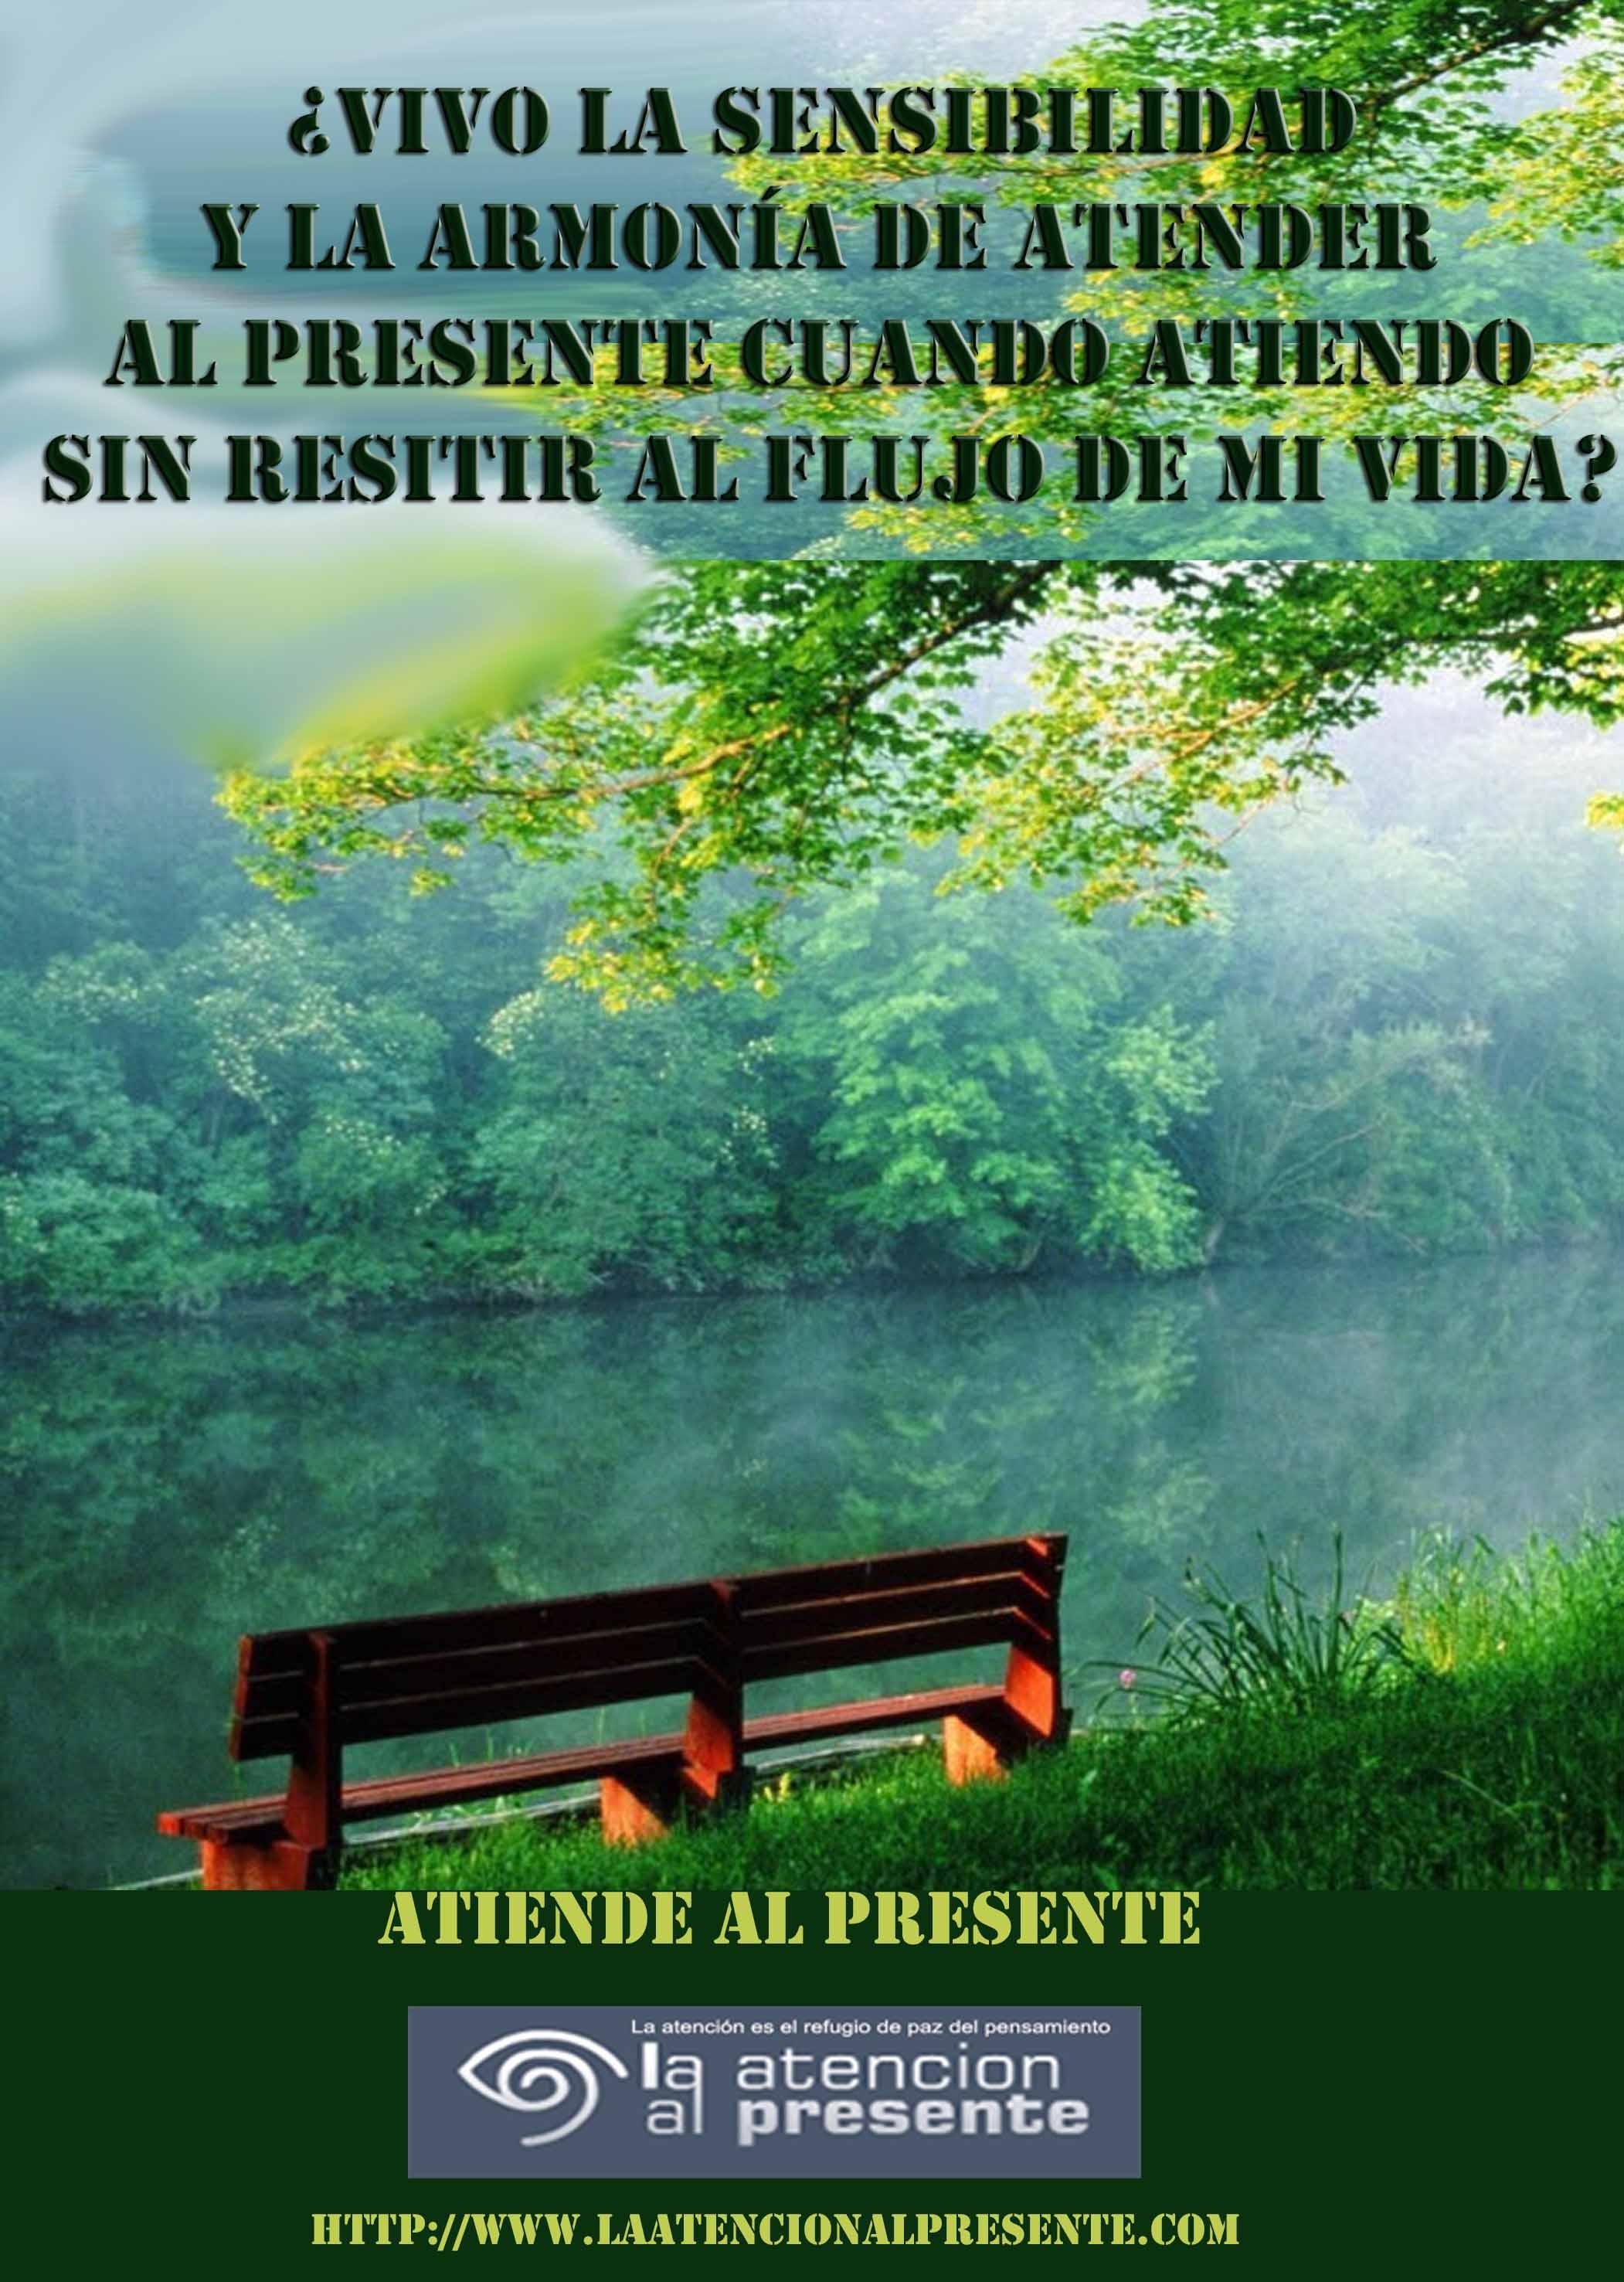 24 de noviembre Pepe Vivo la sensibilidad y la armonía de atender al presente cuando atiendo sin resitir al flujo de mi vida min